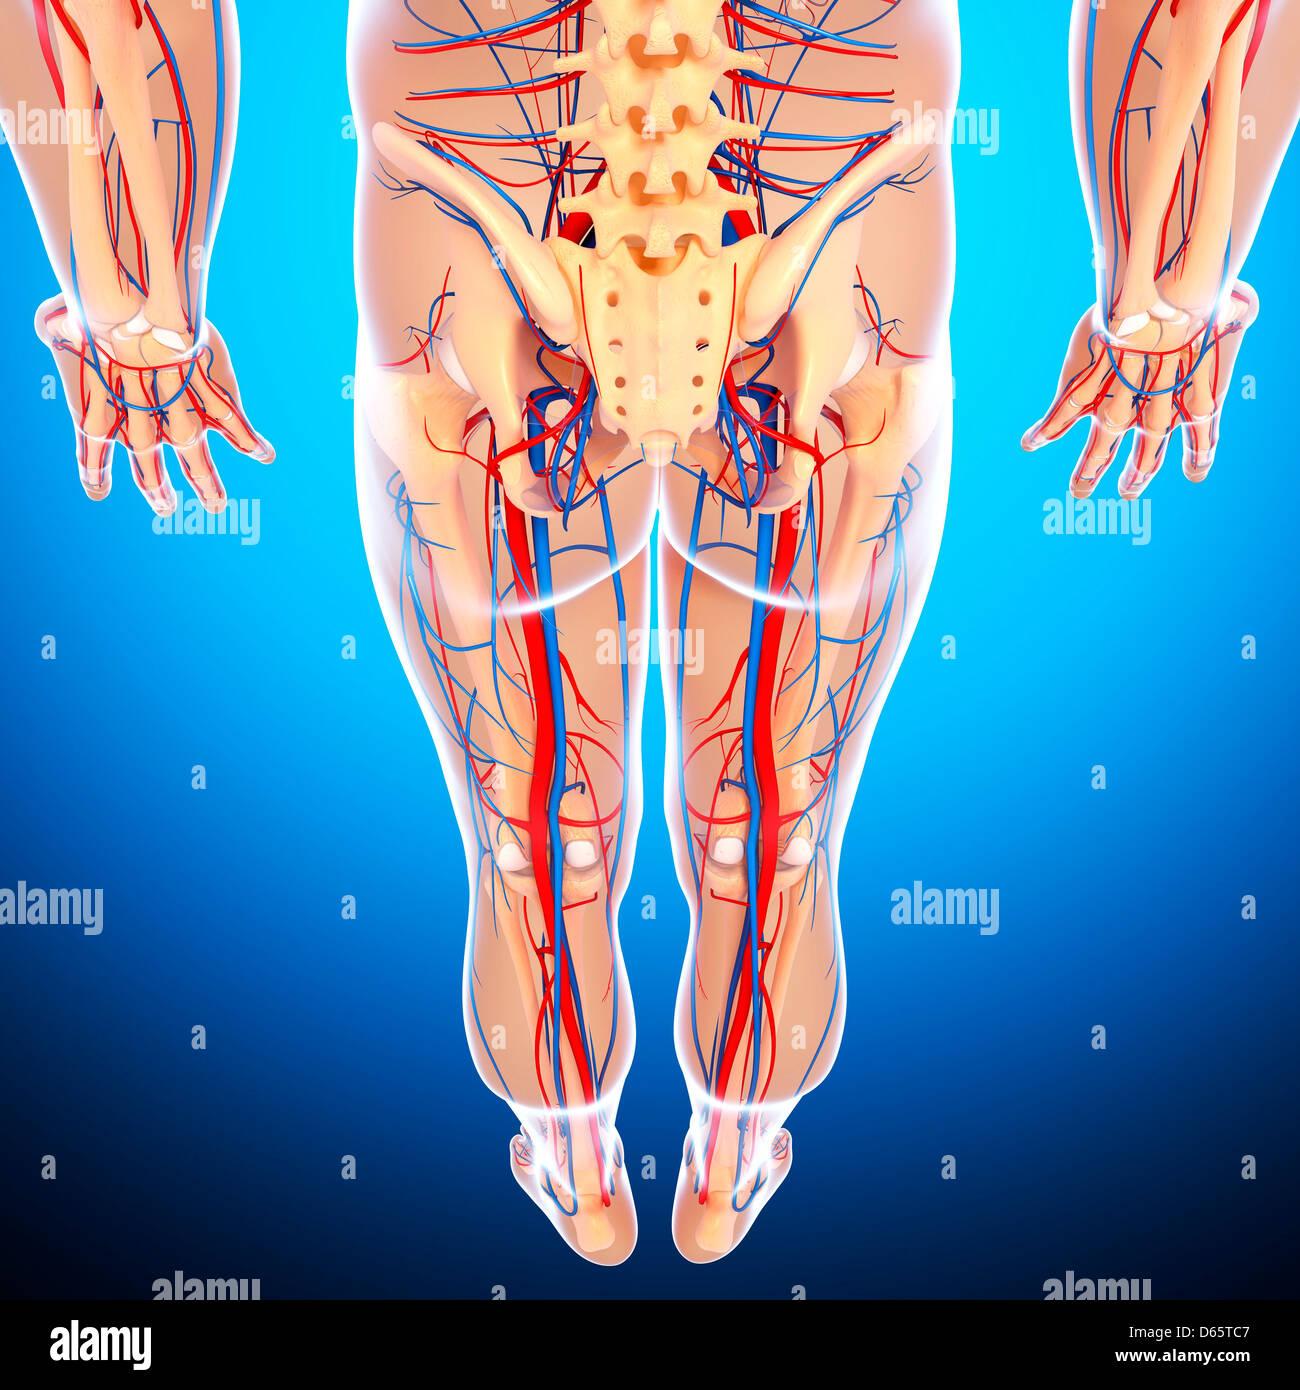 Lower Body Anatomy Artwork Stock Photo 55447959 Alamy